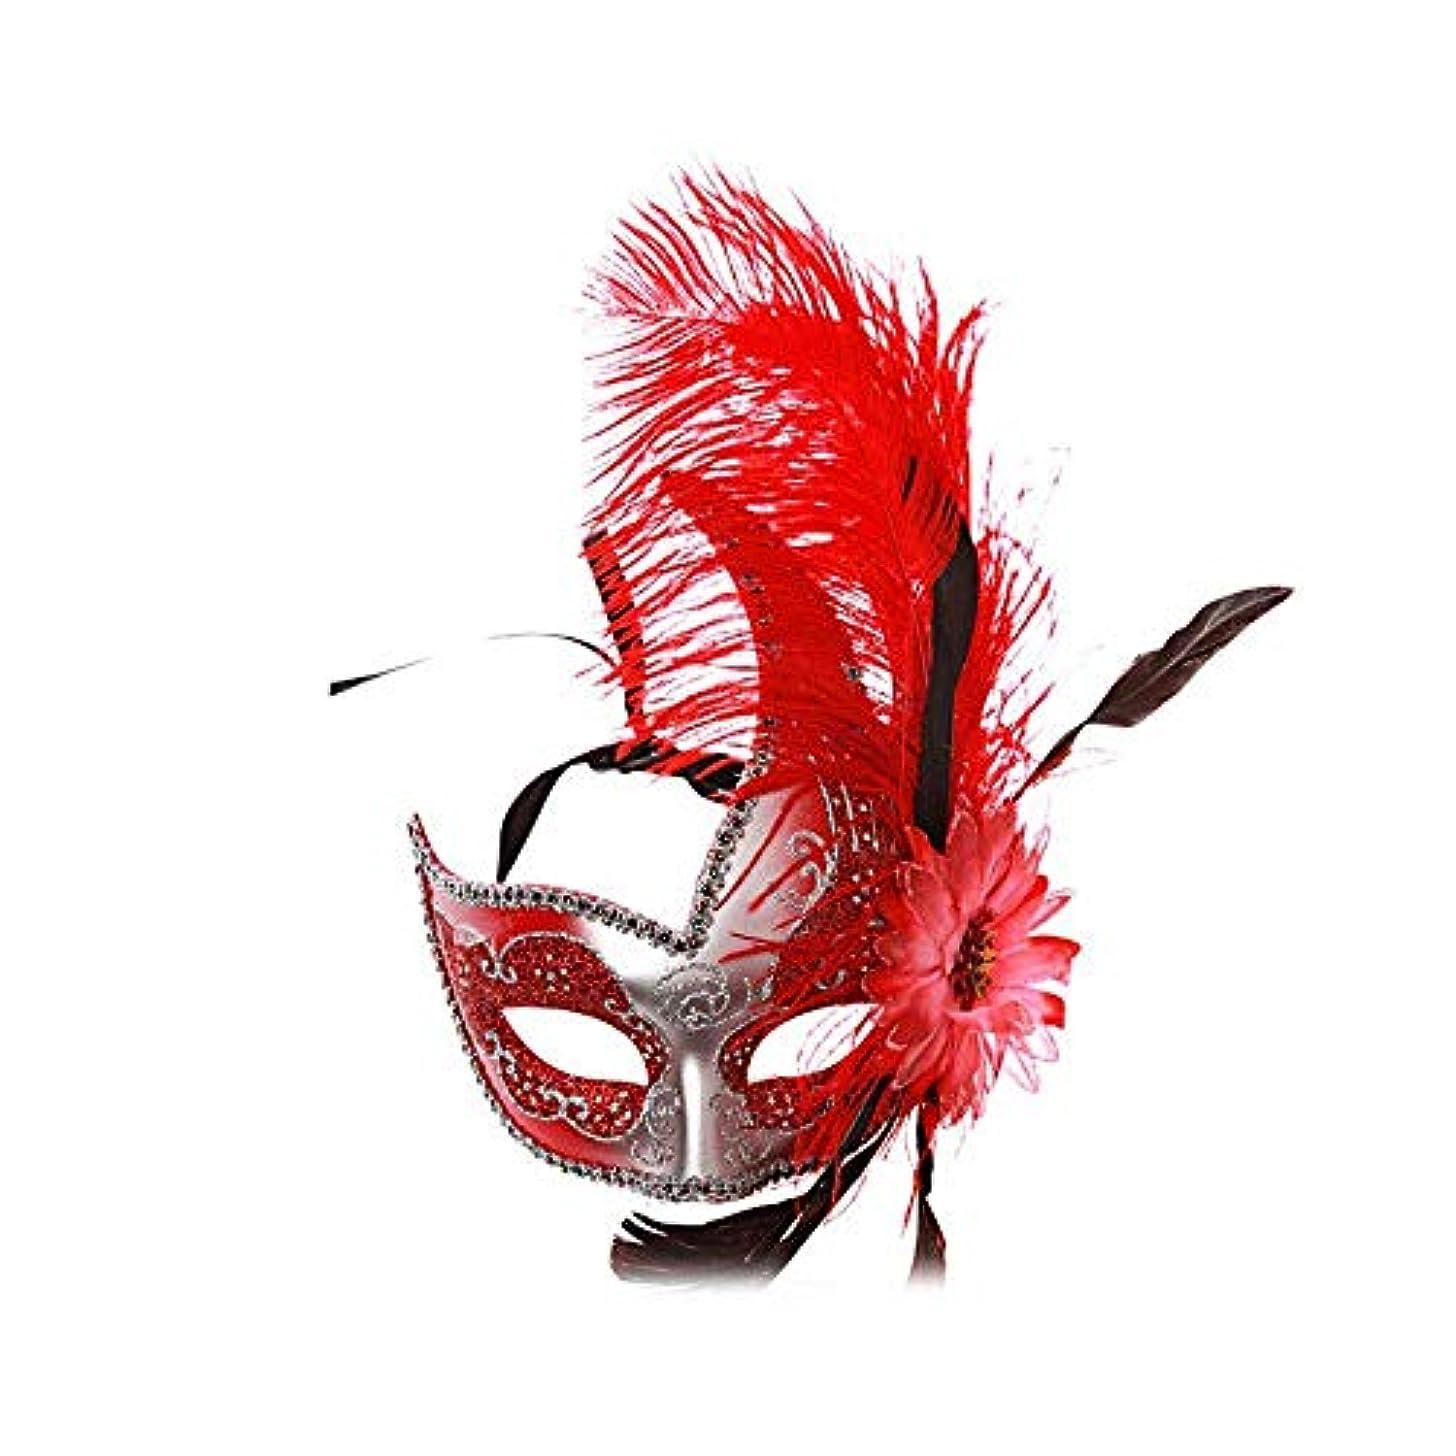 フランクワースリーチャンス感情のNanle ハロウィンマスクハーフフェザーマスクベニスプリンセスマスク美容レース仮面ライダーコスプレ (色 : Style B red)